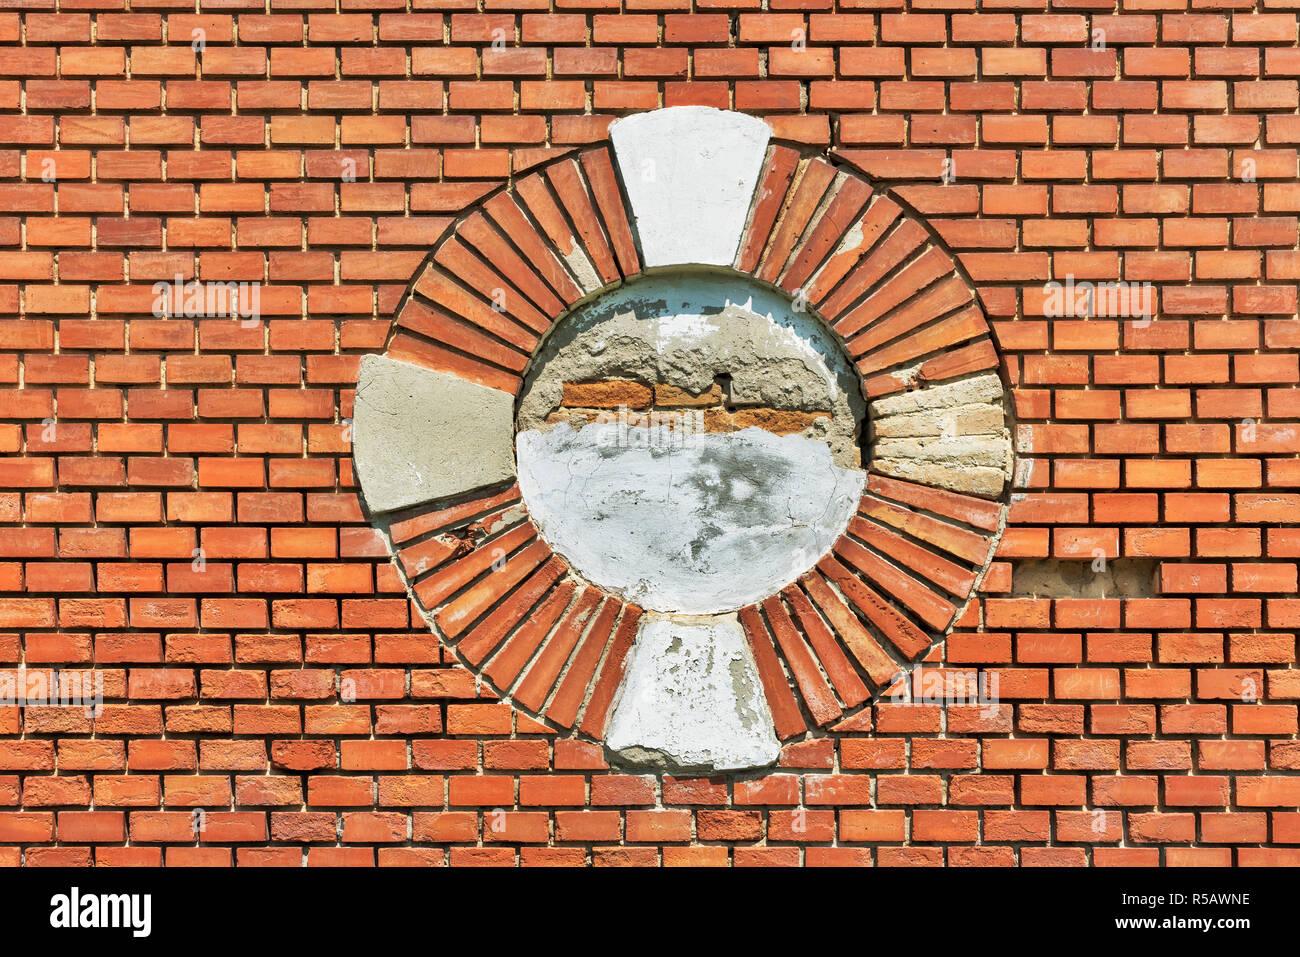 Vista in dettaglio di un muro di mattoni. Nel centro è un foro rotondo. Immagini Stock